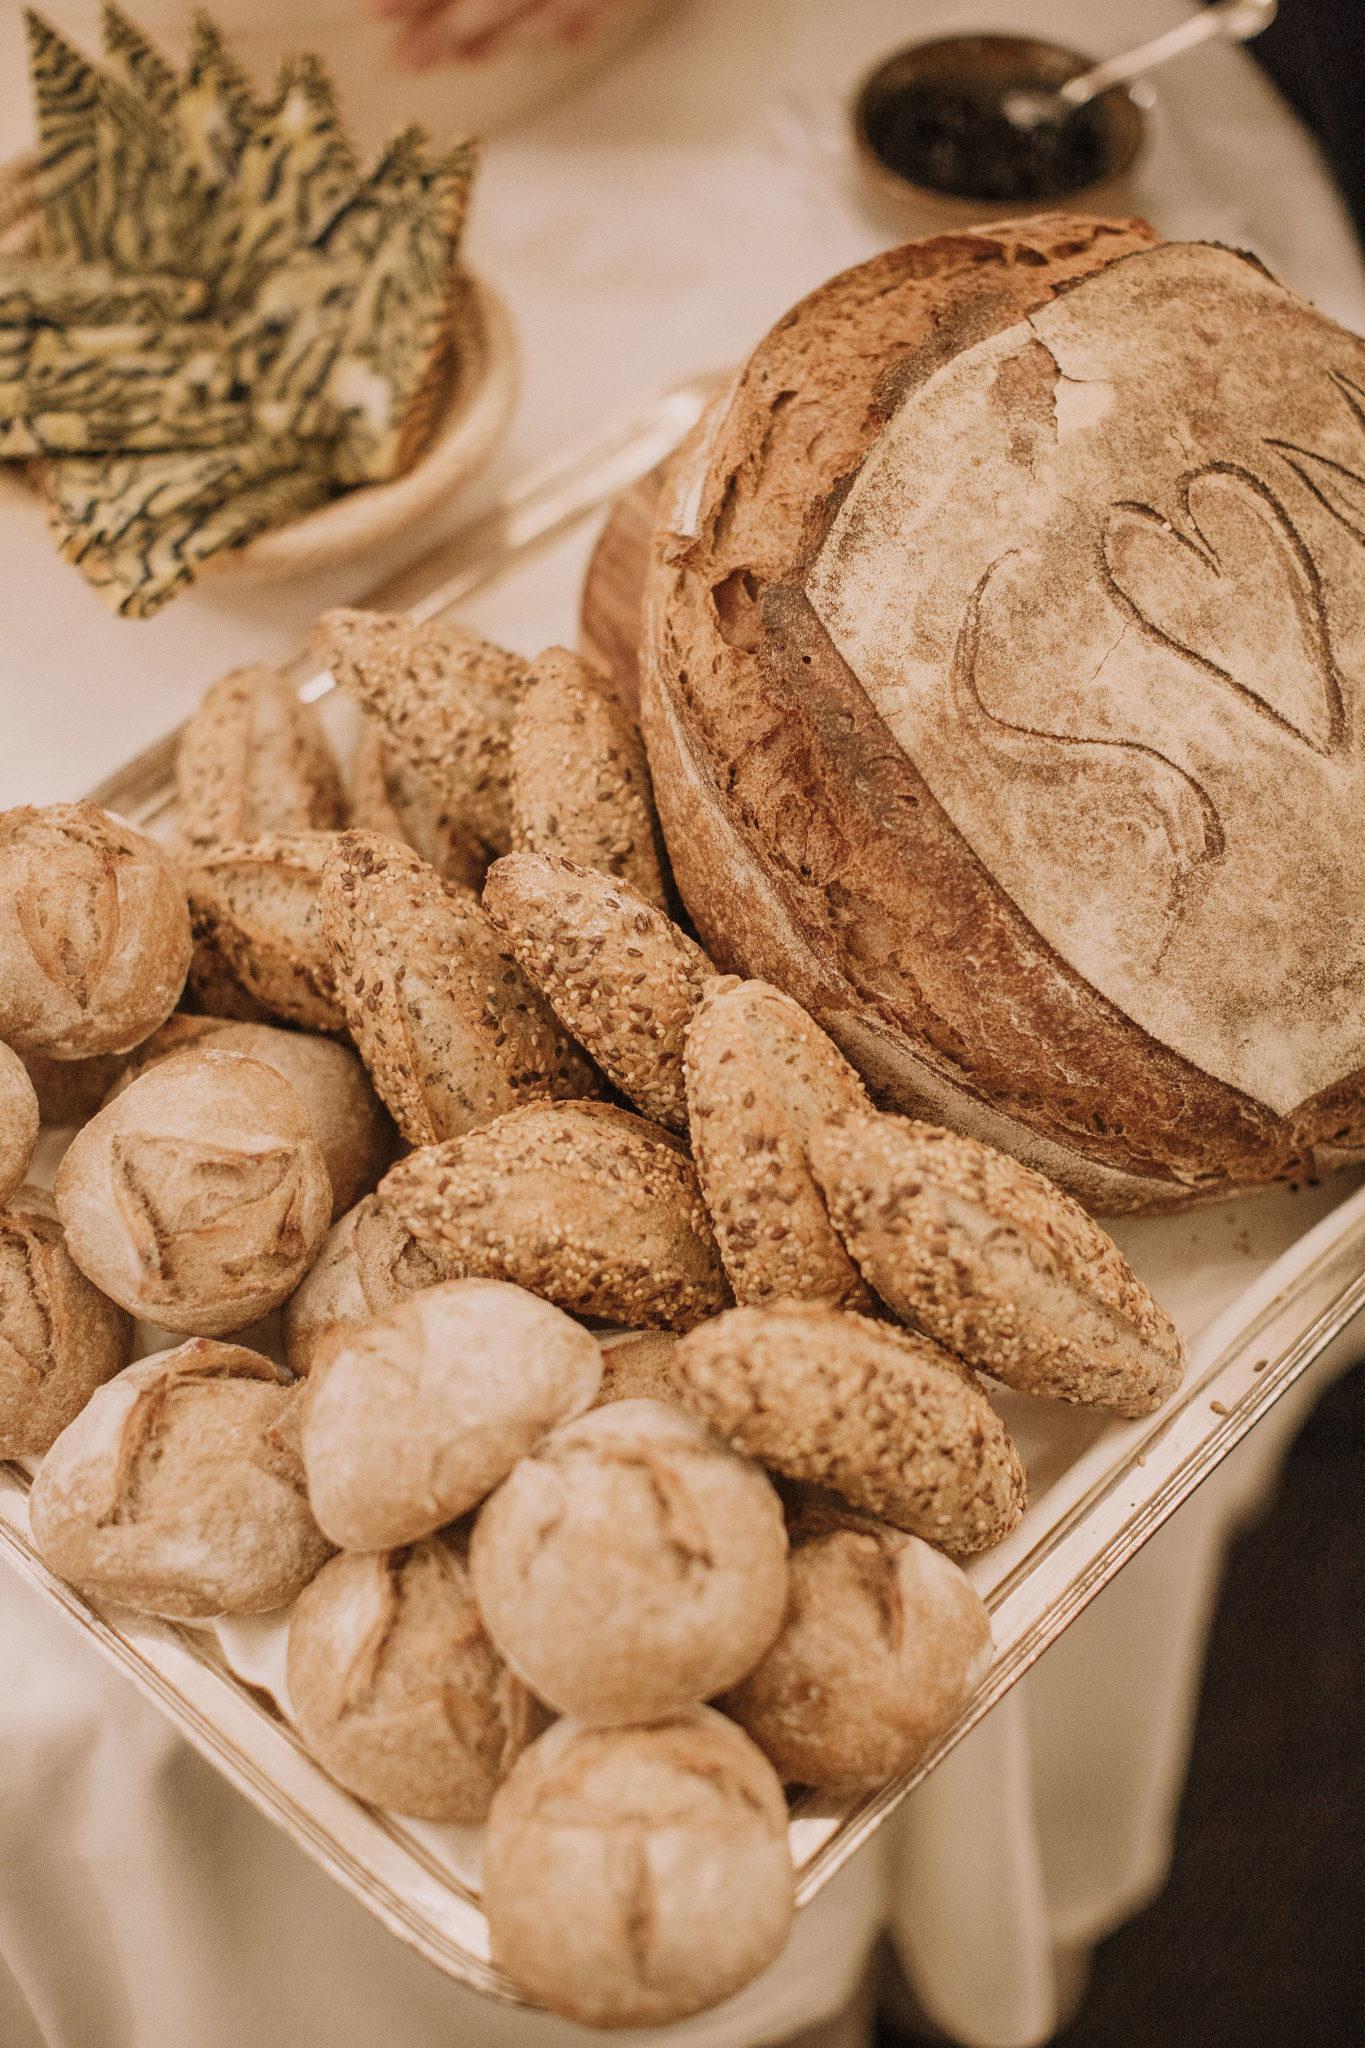 pain-qualite-buffet-artisan-boulanger